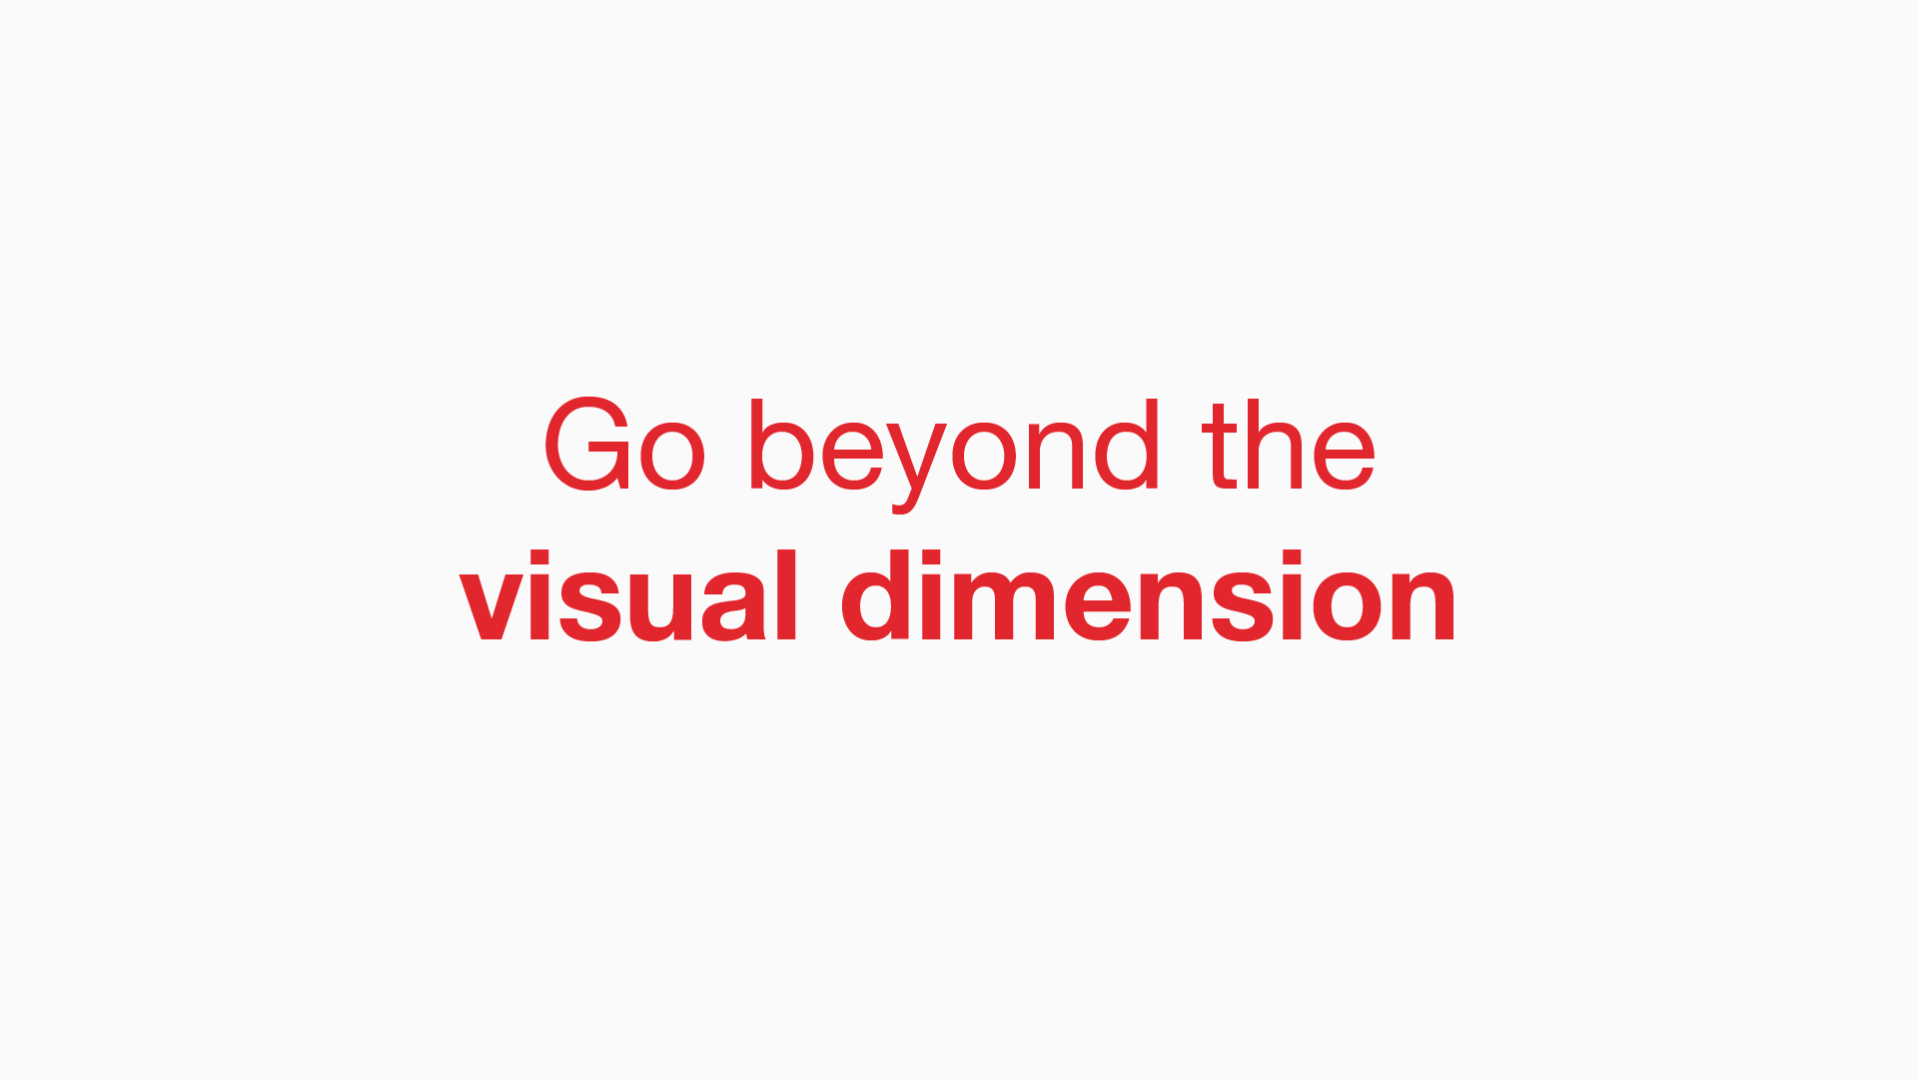 Go beyond the visual dimension - Manraj Ubhi